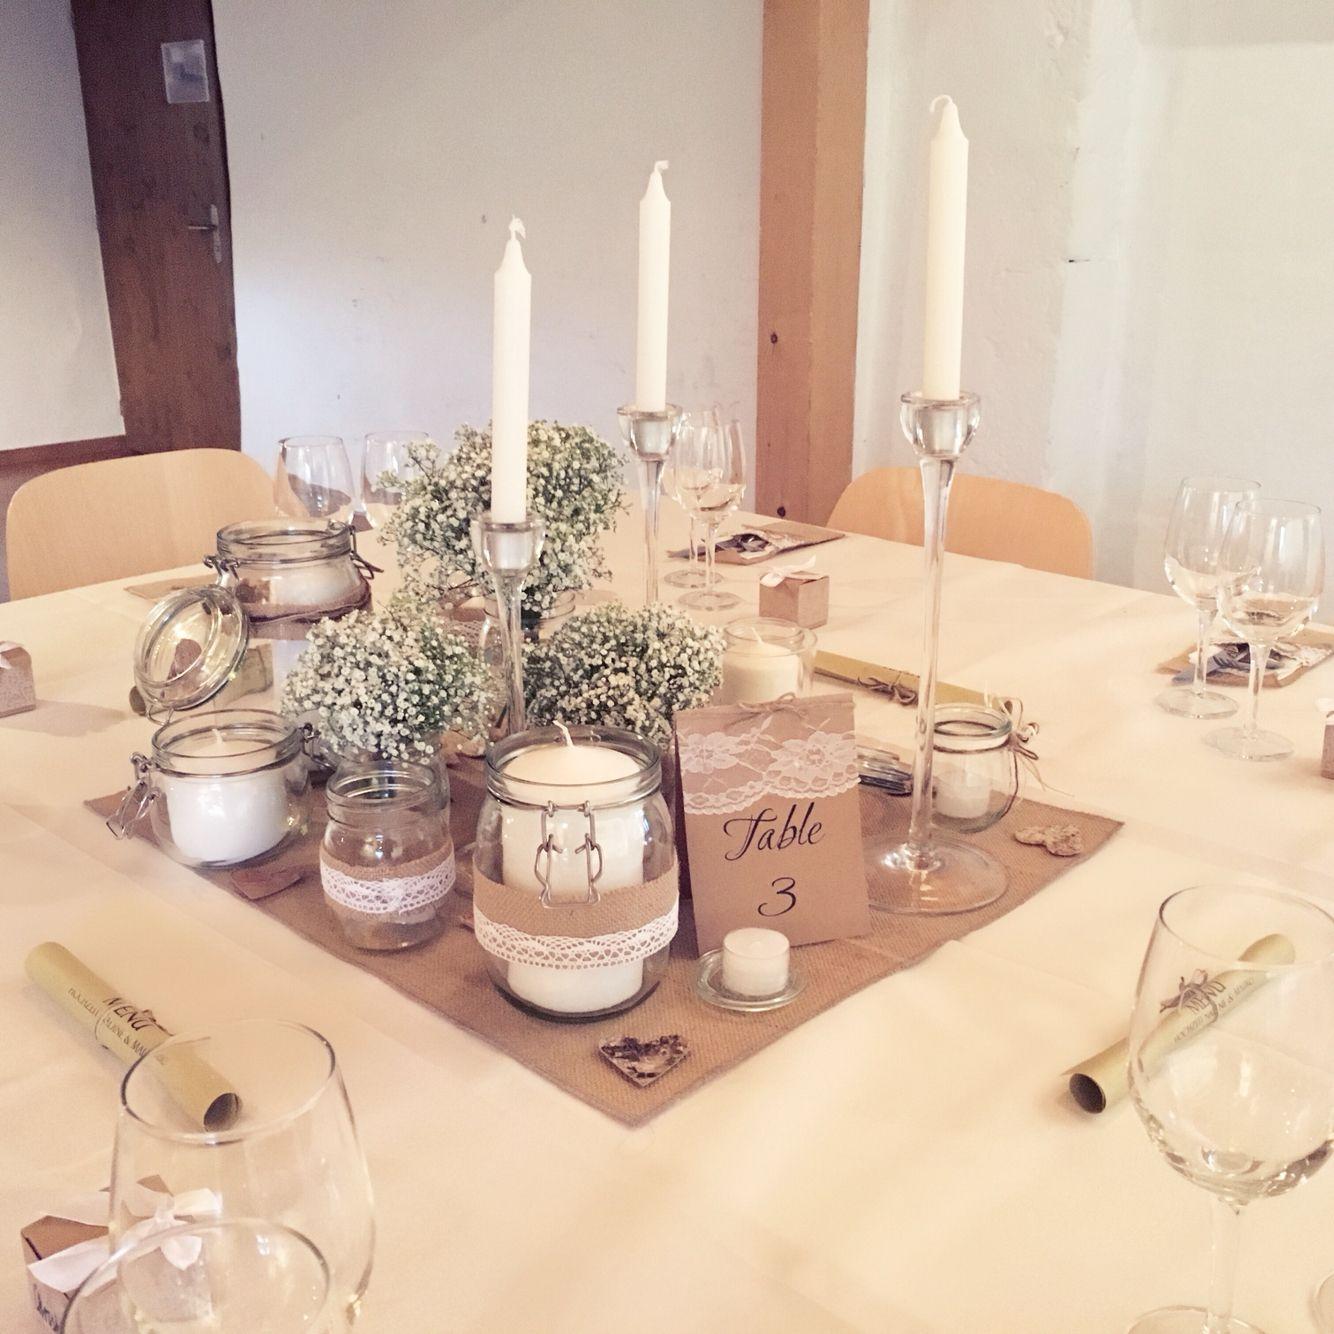 Meine Rustikale Tischdeko Alles Mit Jutte Kerzen Glas Und Spitze